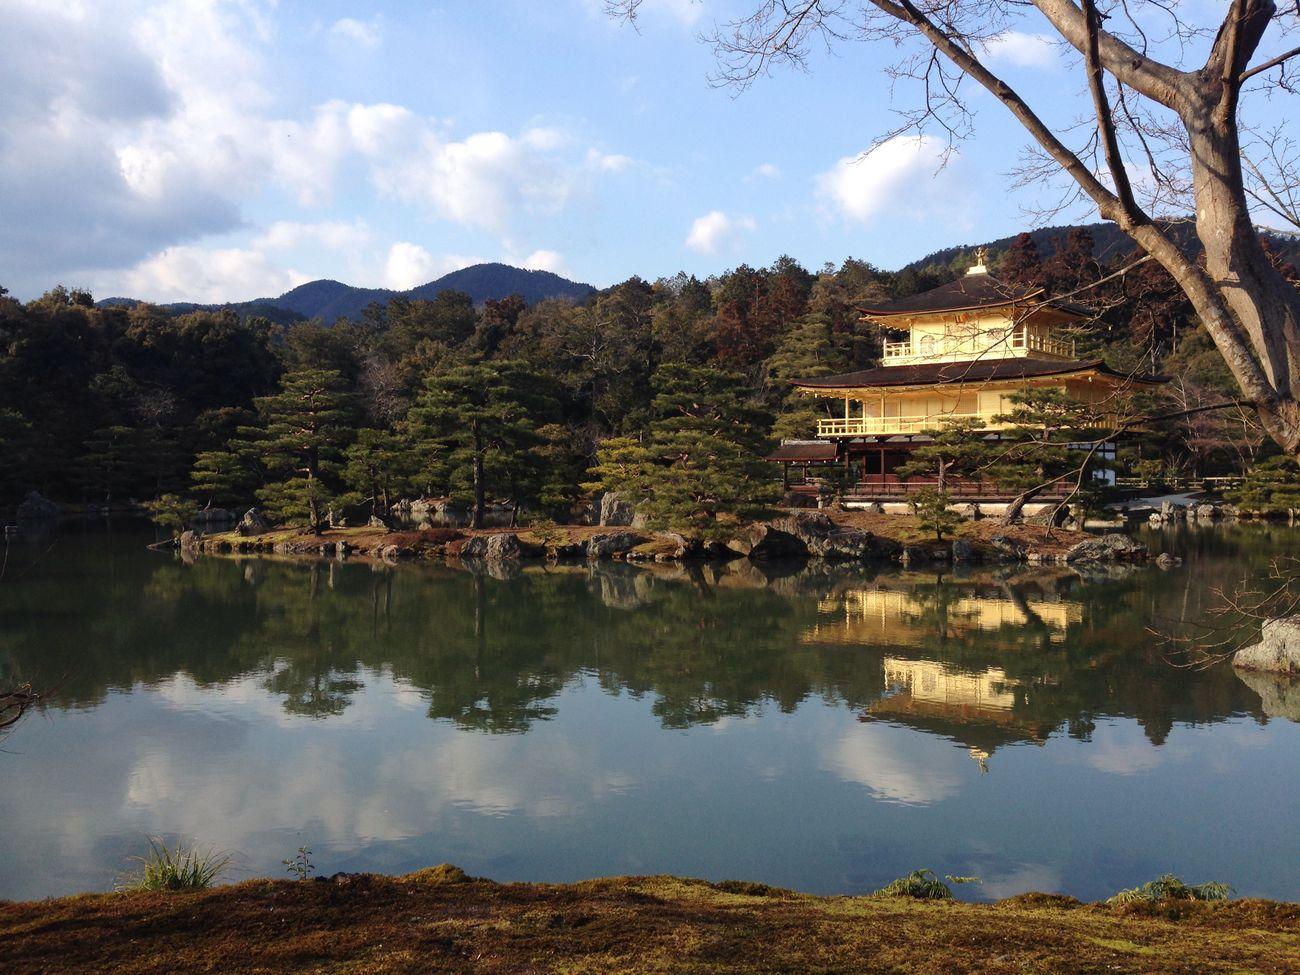 金閣寺 : Kinkakuji temple. it's decorated with GOLD🌟 Enjoying Life Water Reflections Kinkakuji Gold Wabi-sabi